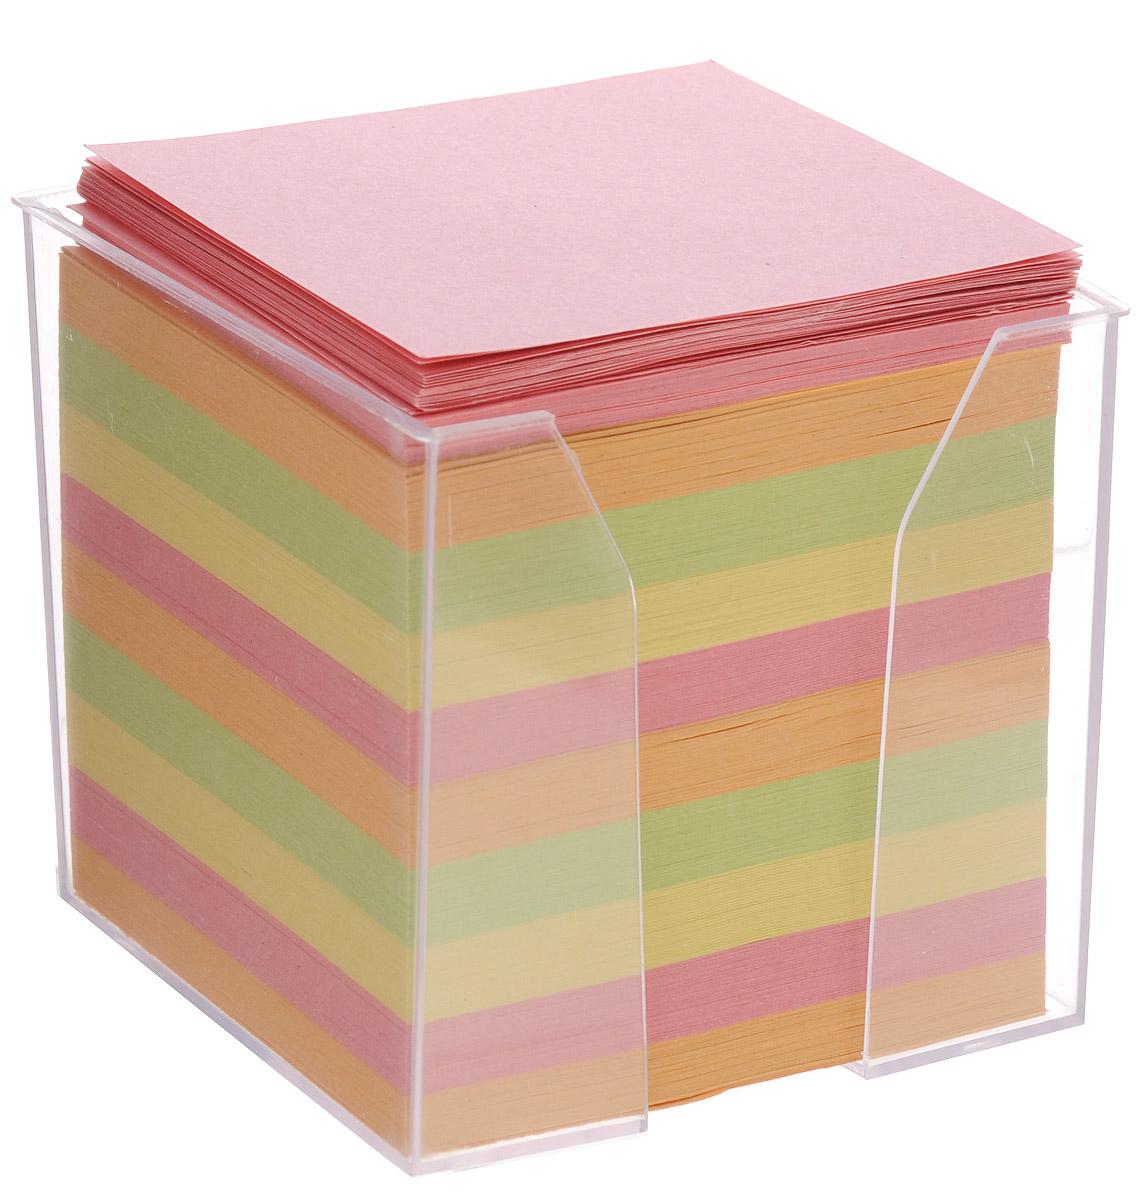 Index Блок бумажный четырехцветный 9 см х 9 см х 9 смI9902/R_розовый,оранжевый,зеленый,желтыйБумага для записей Index - практичное решение для оперативной записи информации в офисе или дома. Блок состоит из листов разноцветной бумаги (желтого, розового, салатового, оранжевого), что помогает лучше ориентироваться во множестве повседневных заметок. А яркий блок-кубик на вашем рабочем столе поднимет настроение вам и вашим коллегам! Бумага хранится в прозрачной пластиковой подставке.